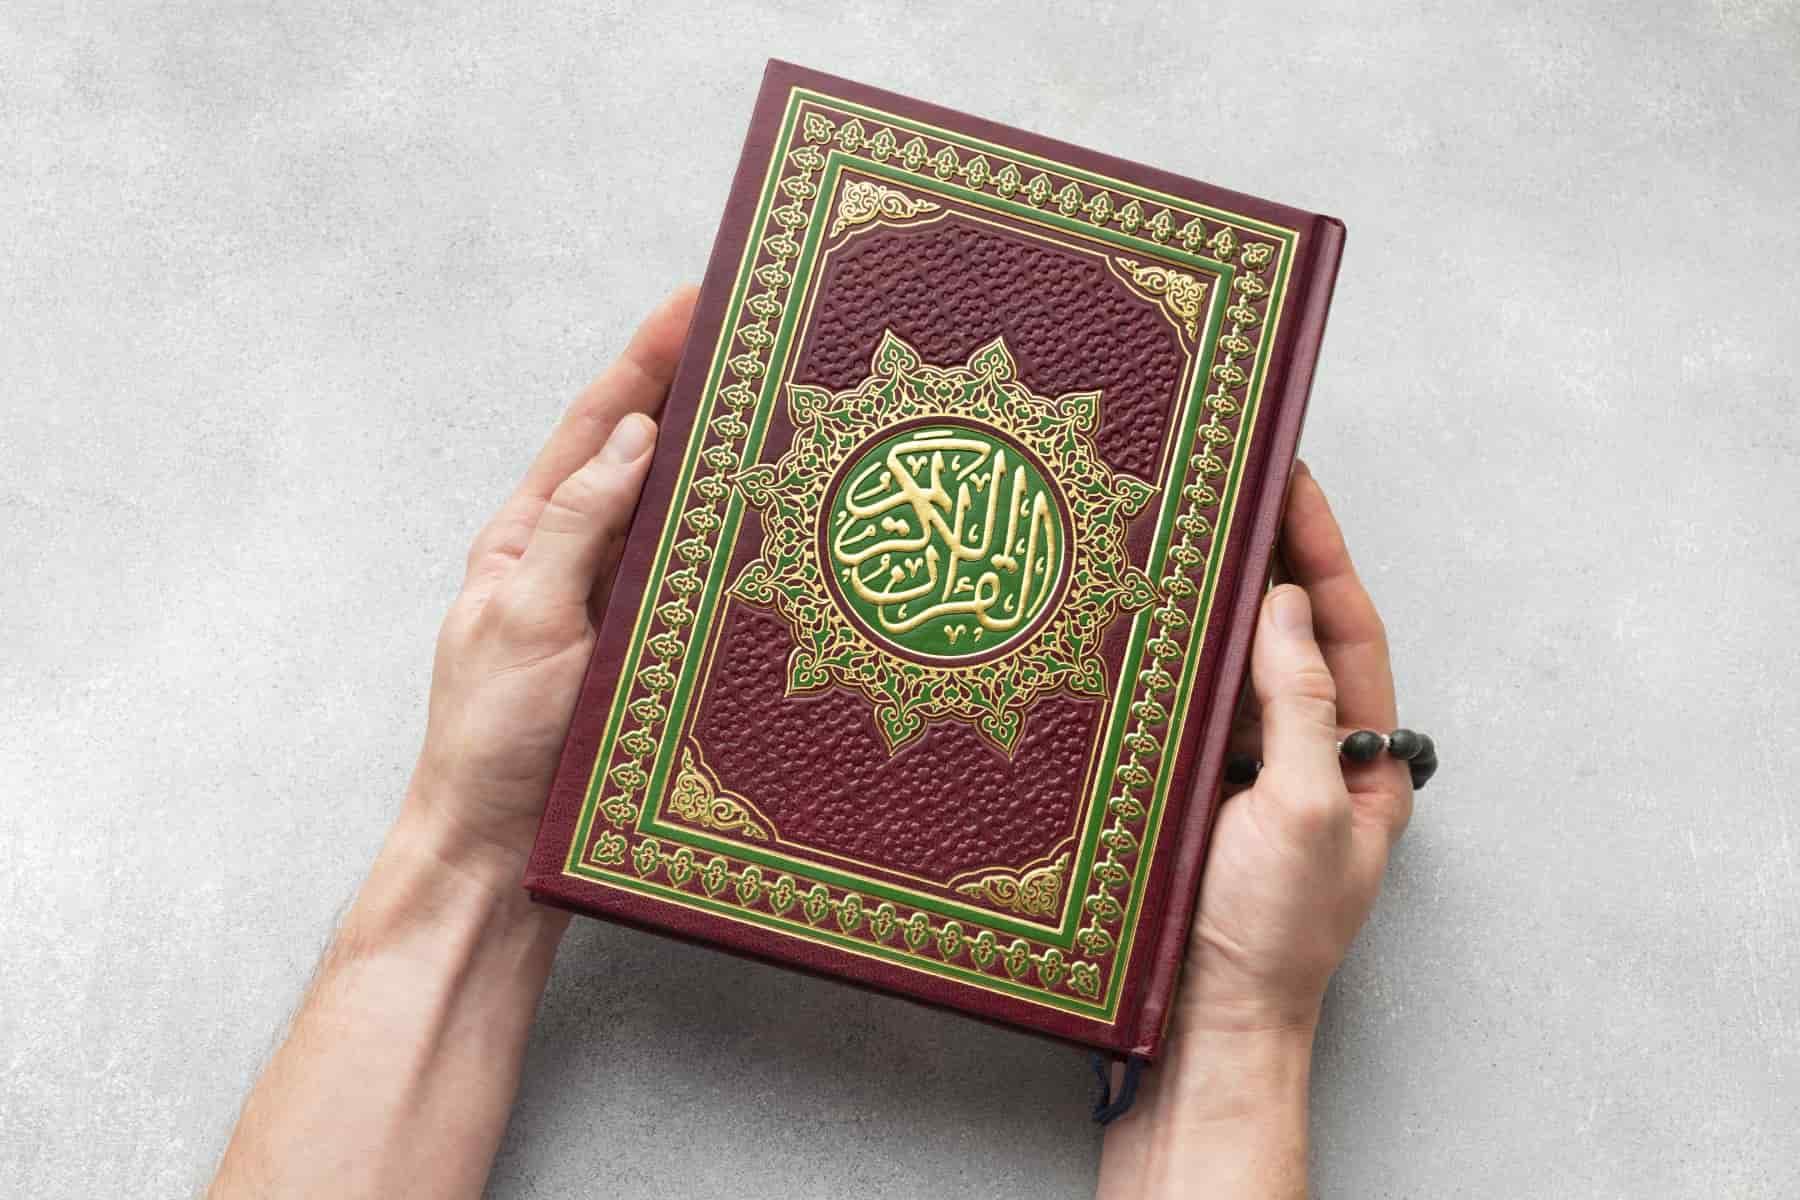 Vrste nemuslimana u Kur'anu